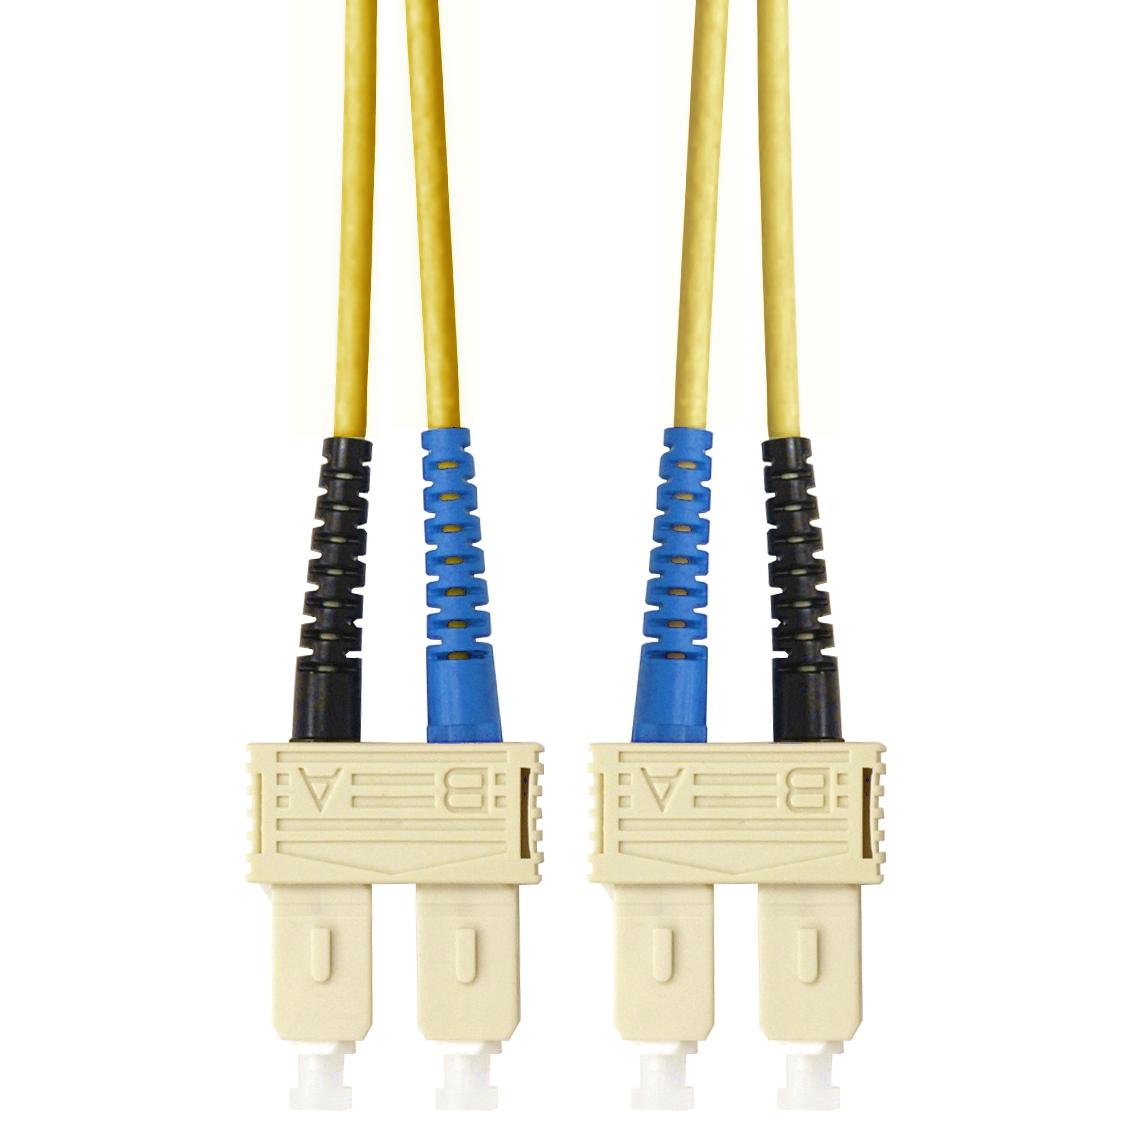 1 Stk LWL Patchkabel Duplex SC/SC, 9/125µm OS2, LS0H-3, gelb,10.0m HLP29CC10F